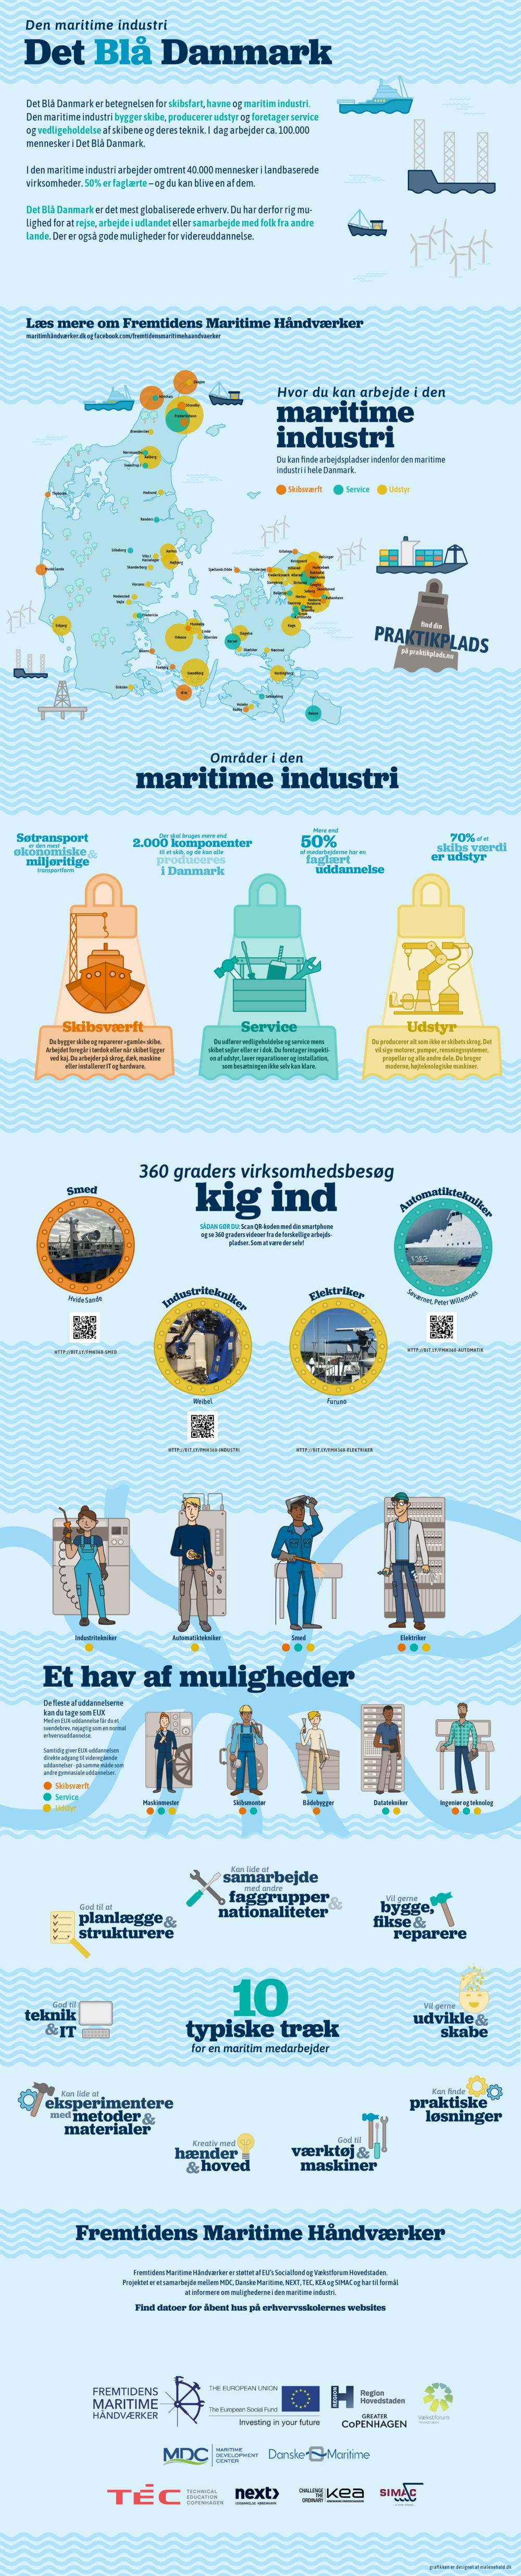 Fremtidens Maritime Håndværker